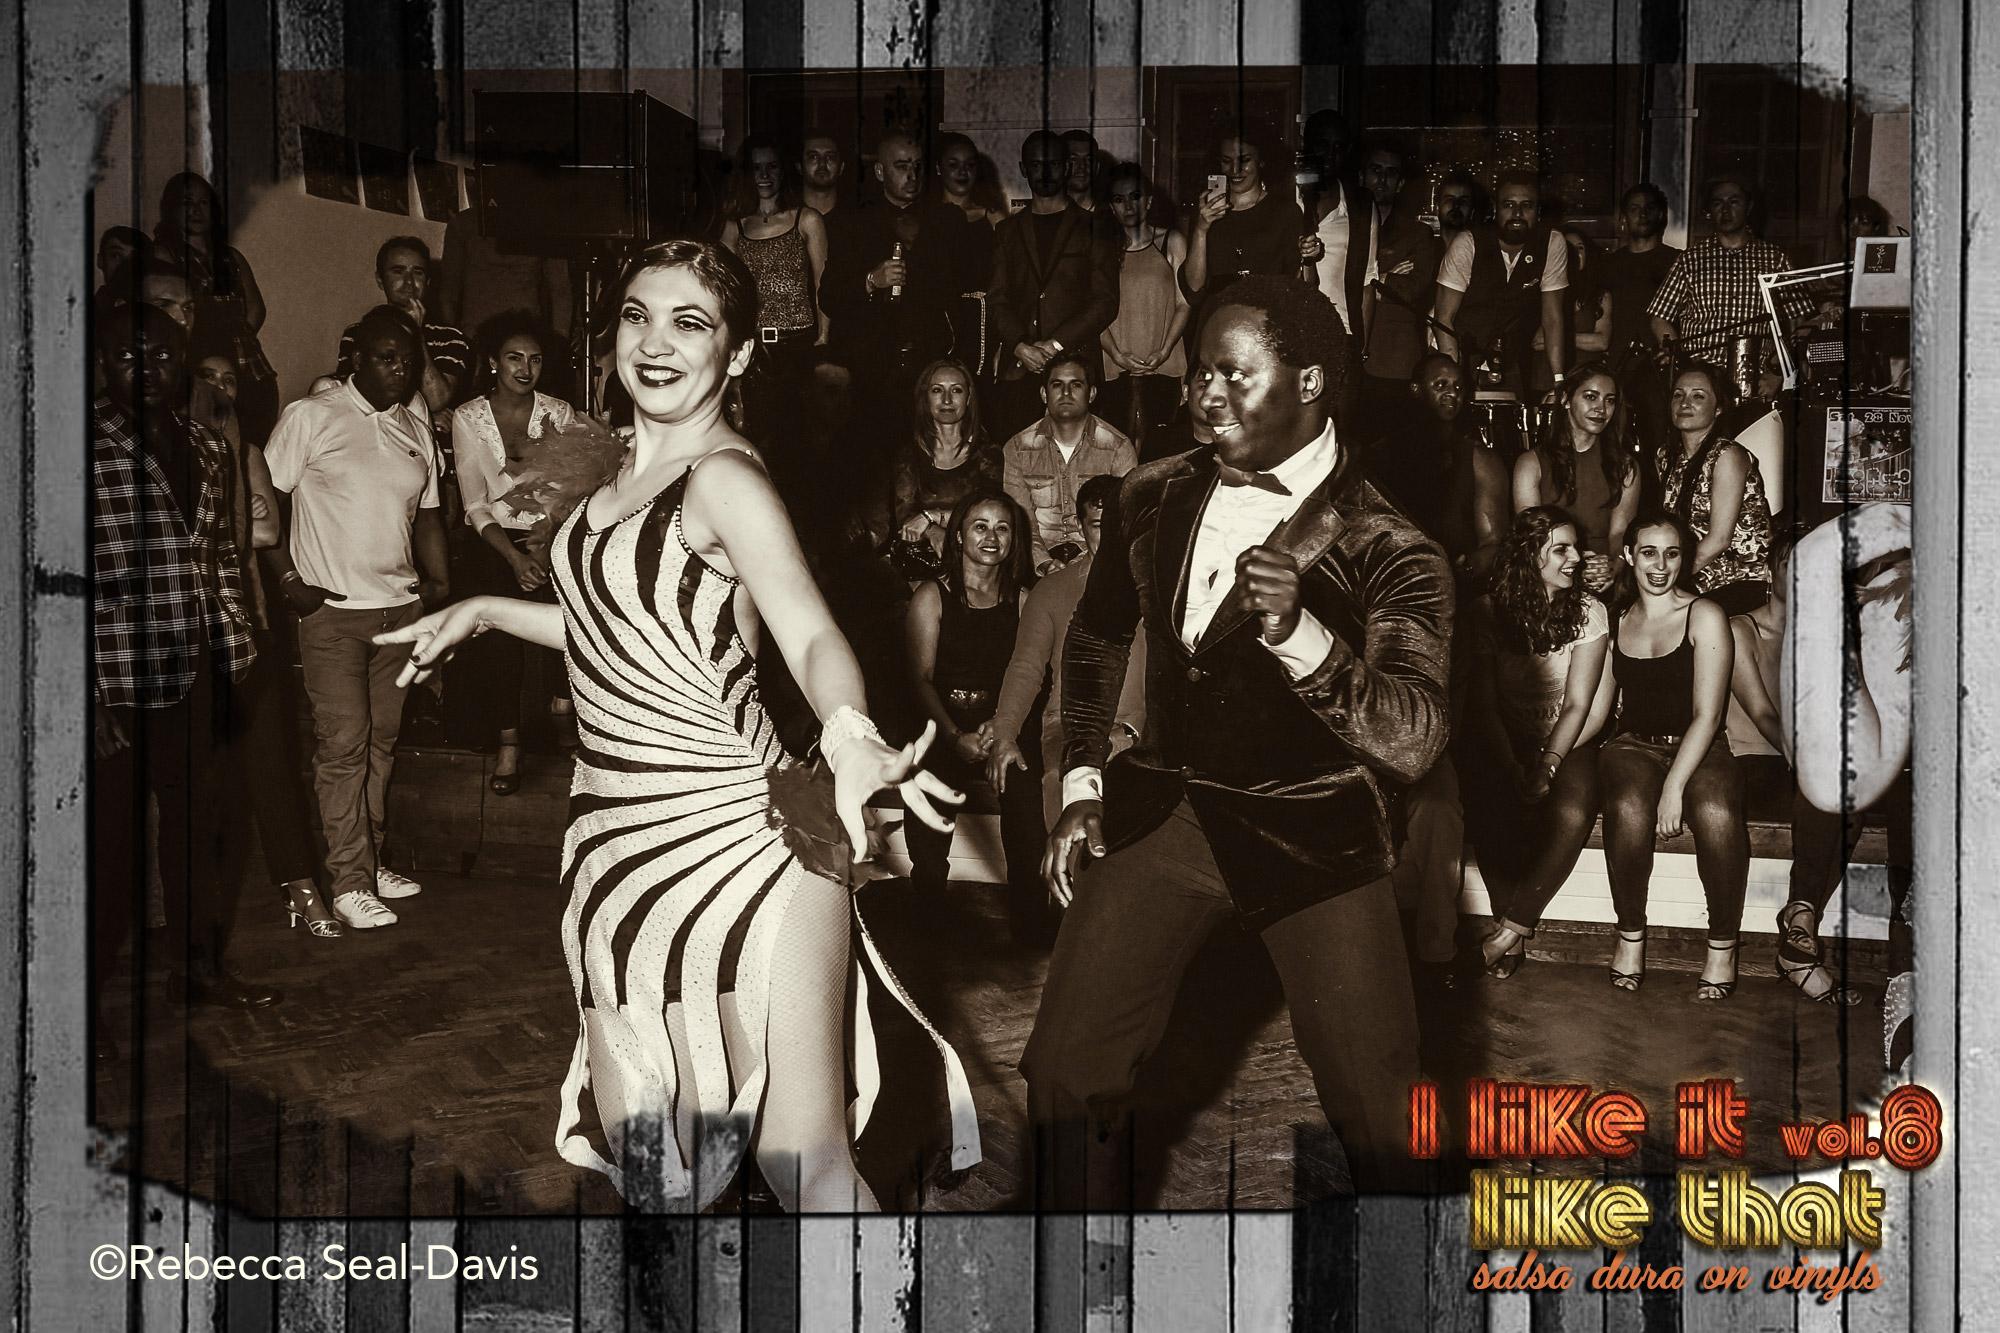 ilikeitlikethat-salsa_vol8-show